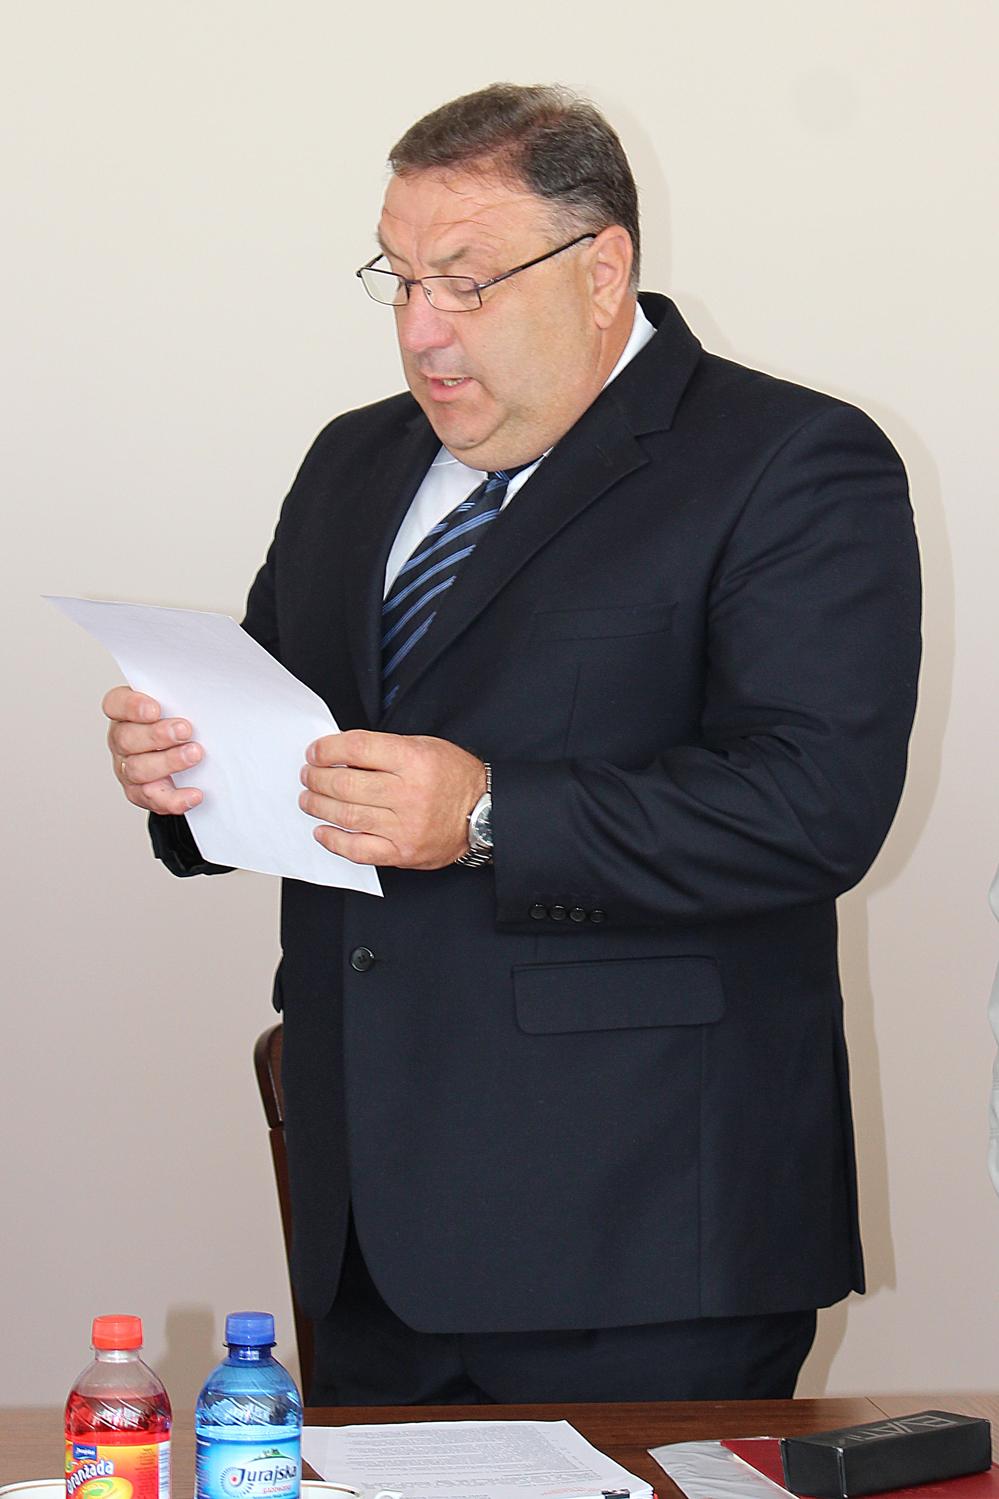 Ślubowanie nowo wybranego radnego wwyborach uzupełniających do Rady Gminy Konopnica